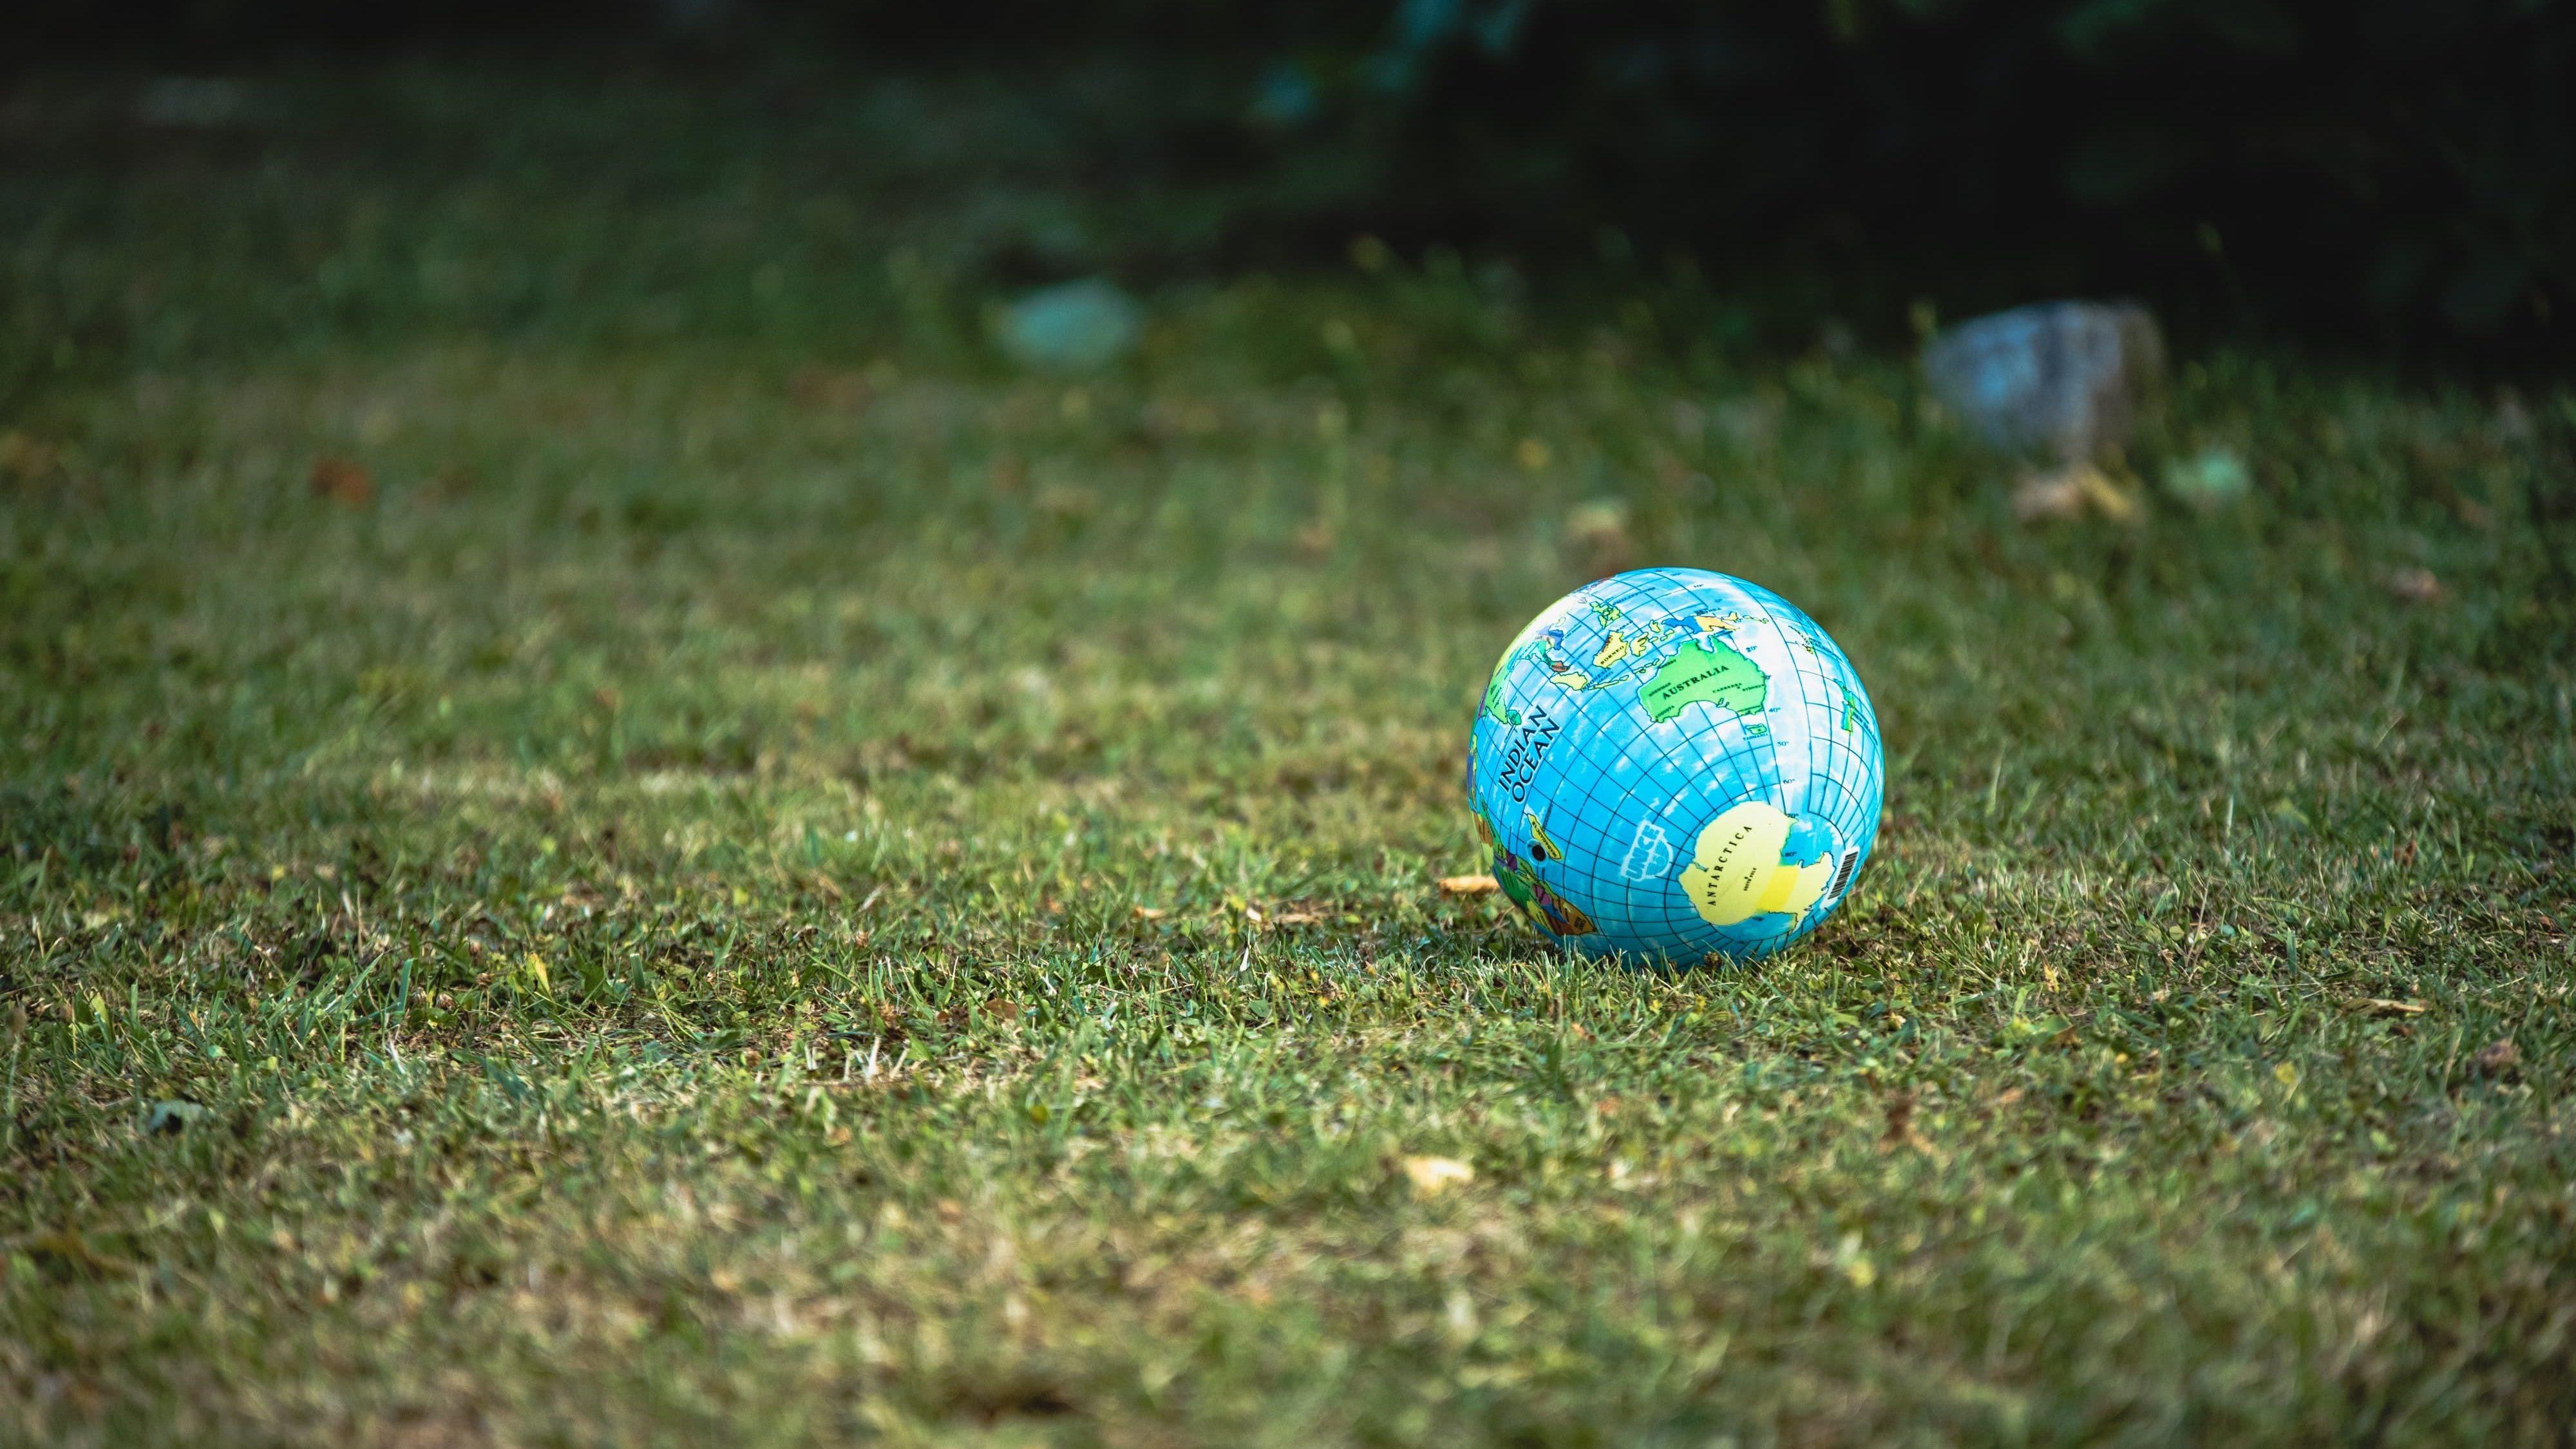 Marché 1 – 0 Loi Climat